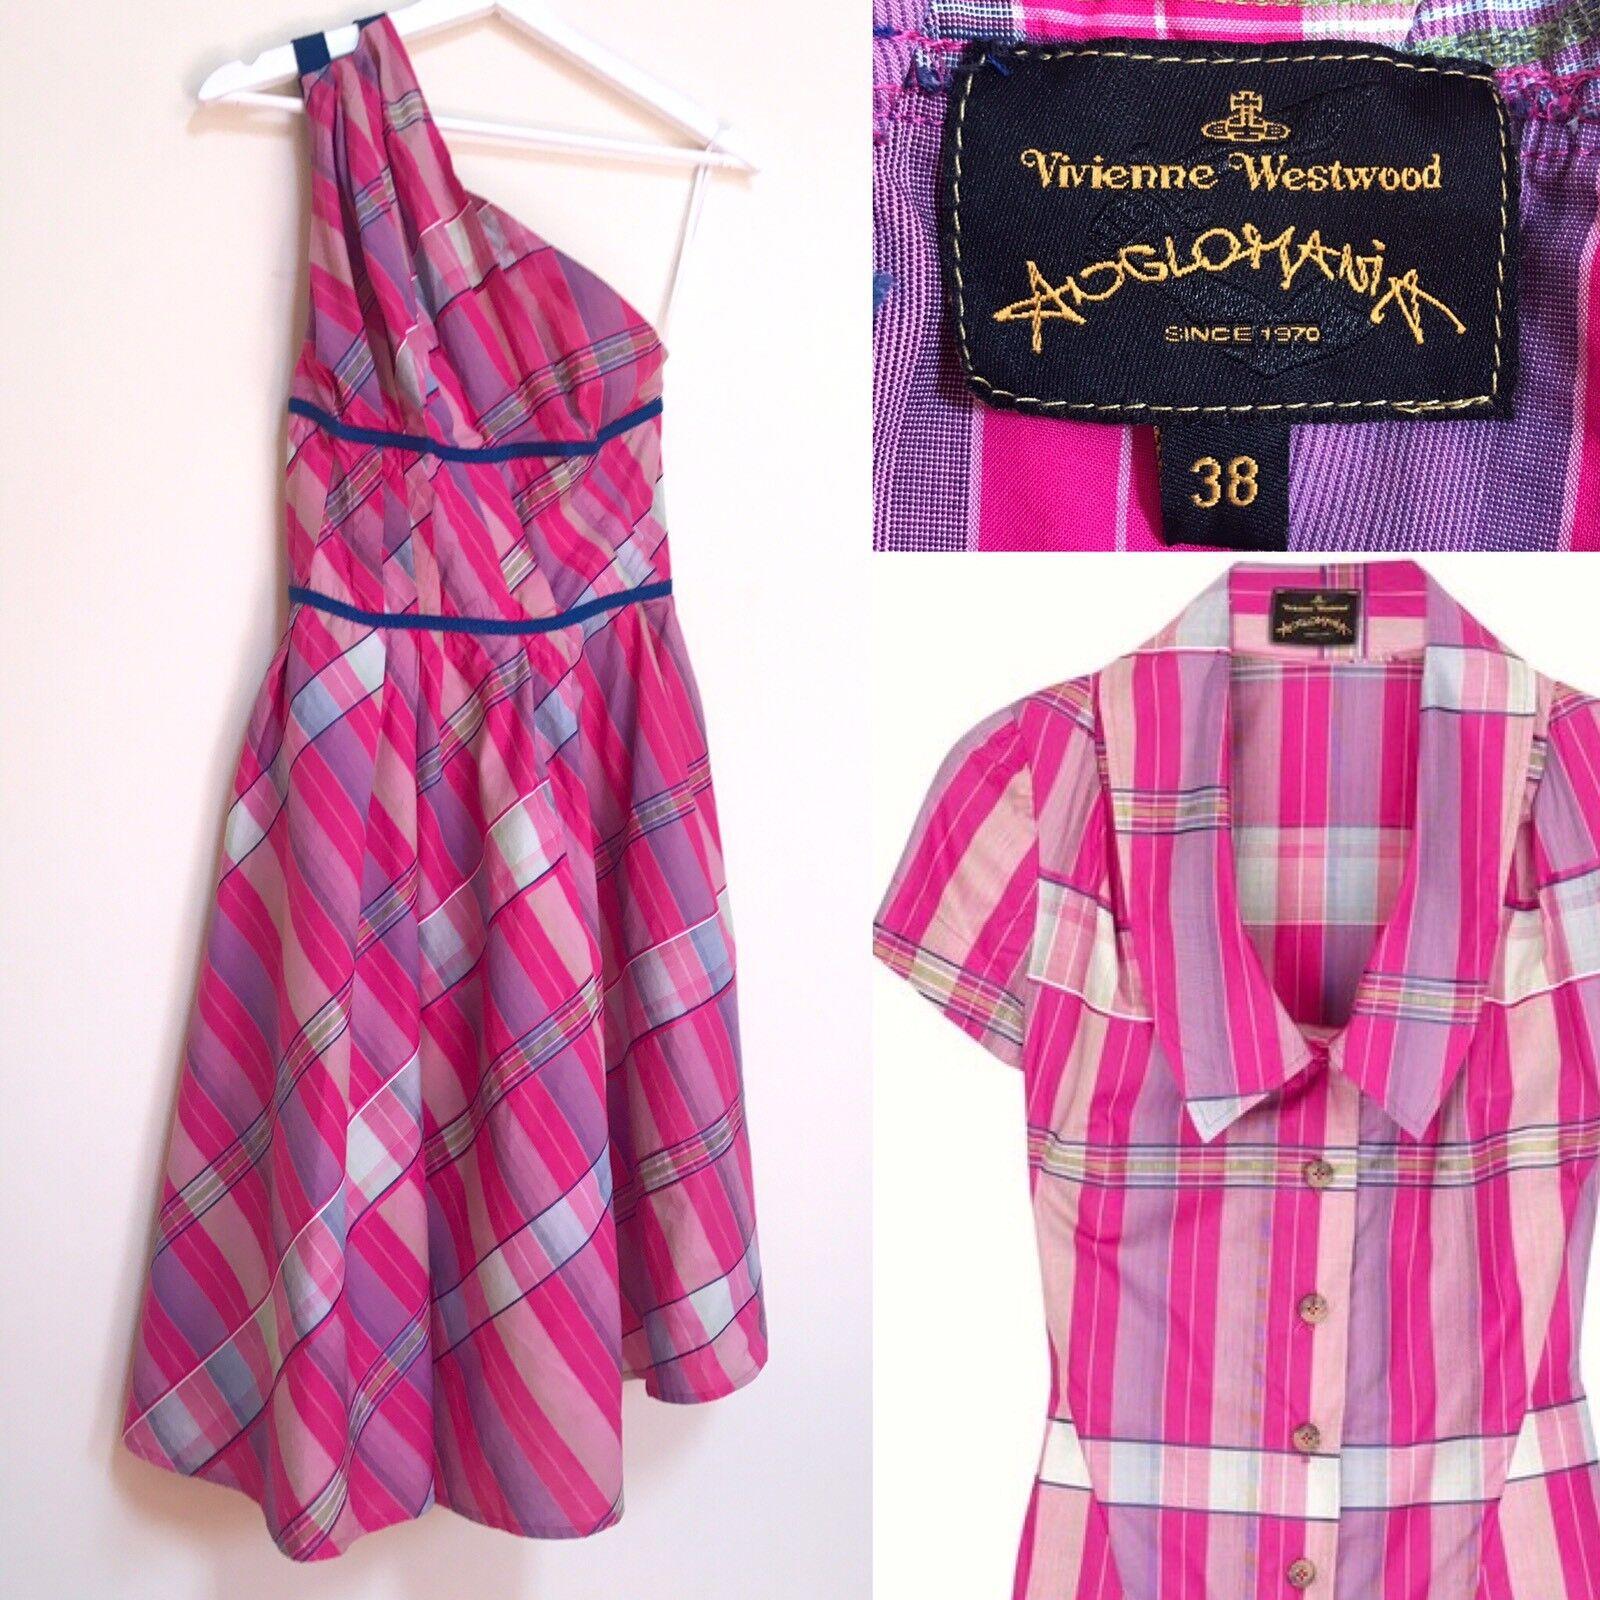 VIVIENNE WESTbois robe Anglohommeia voiturereaux roses coton une épaule asymétrique XS